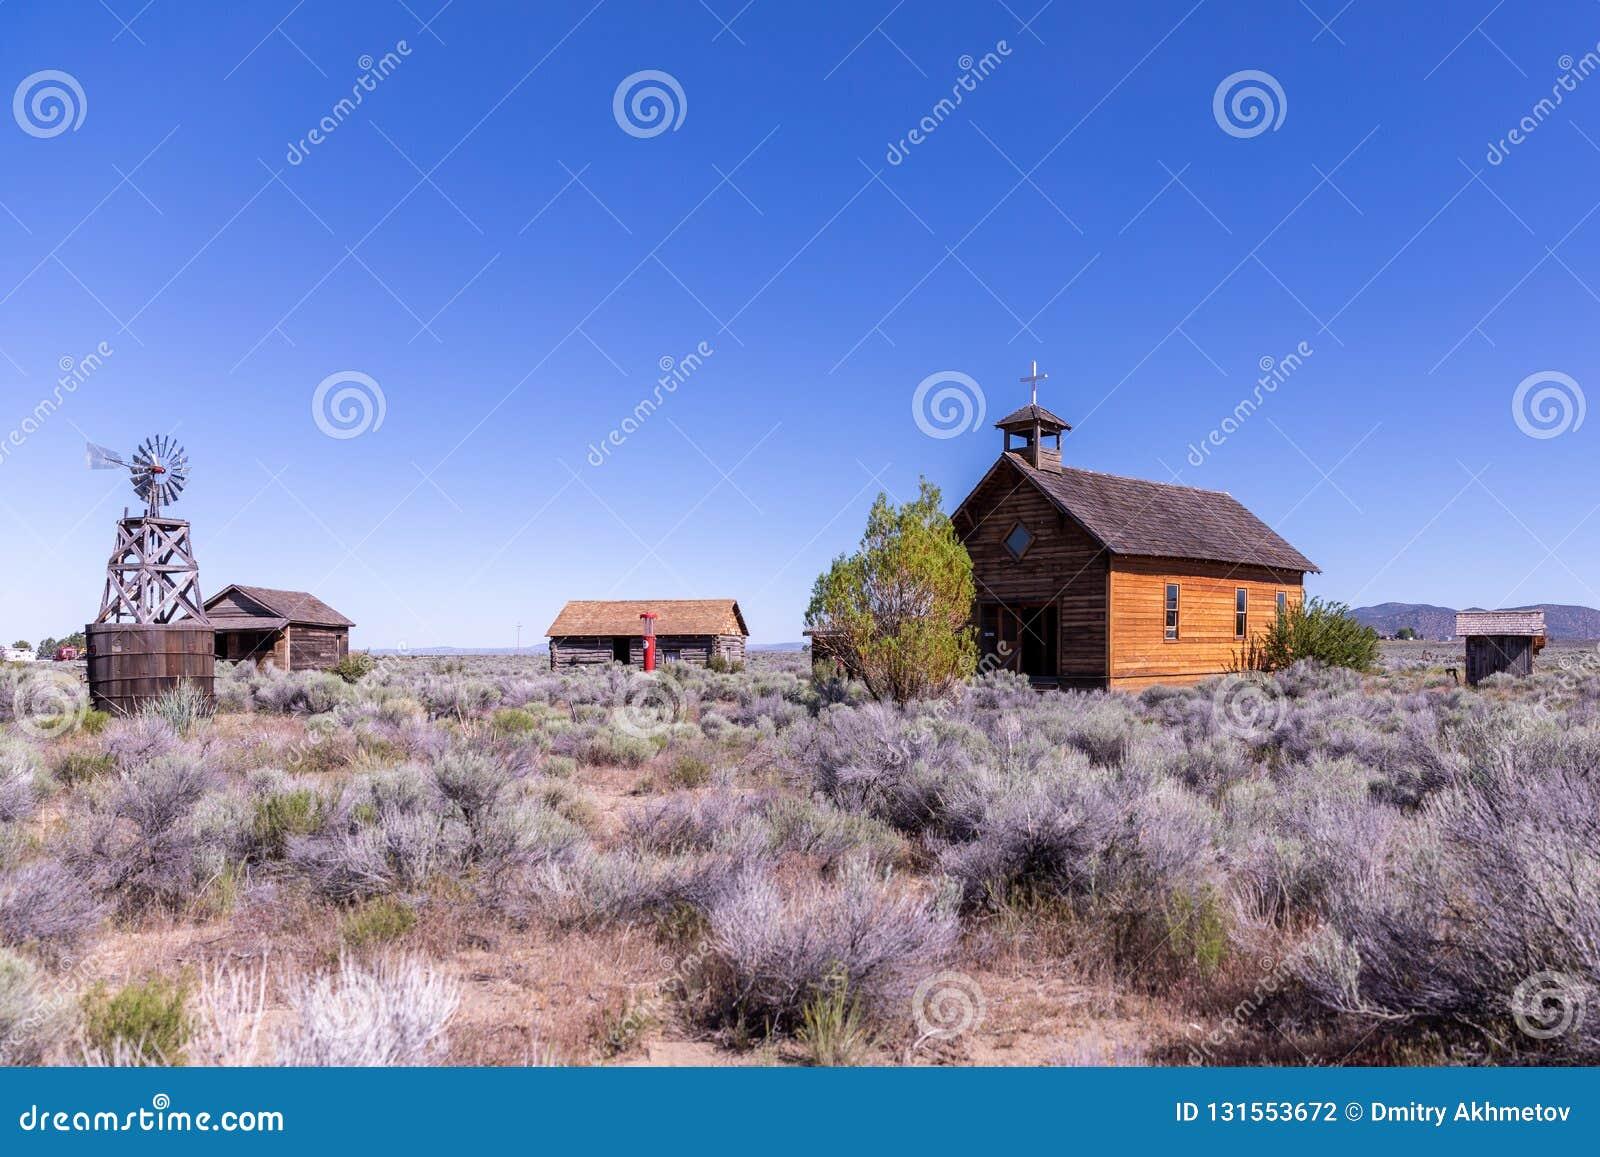 Ιστορικά κτήρια σε ένα αγροτικό σπίτι ερήμων